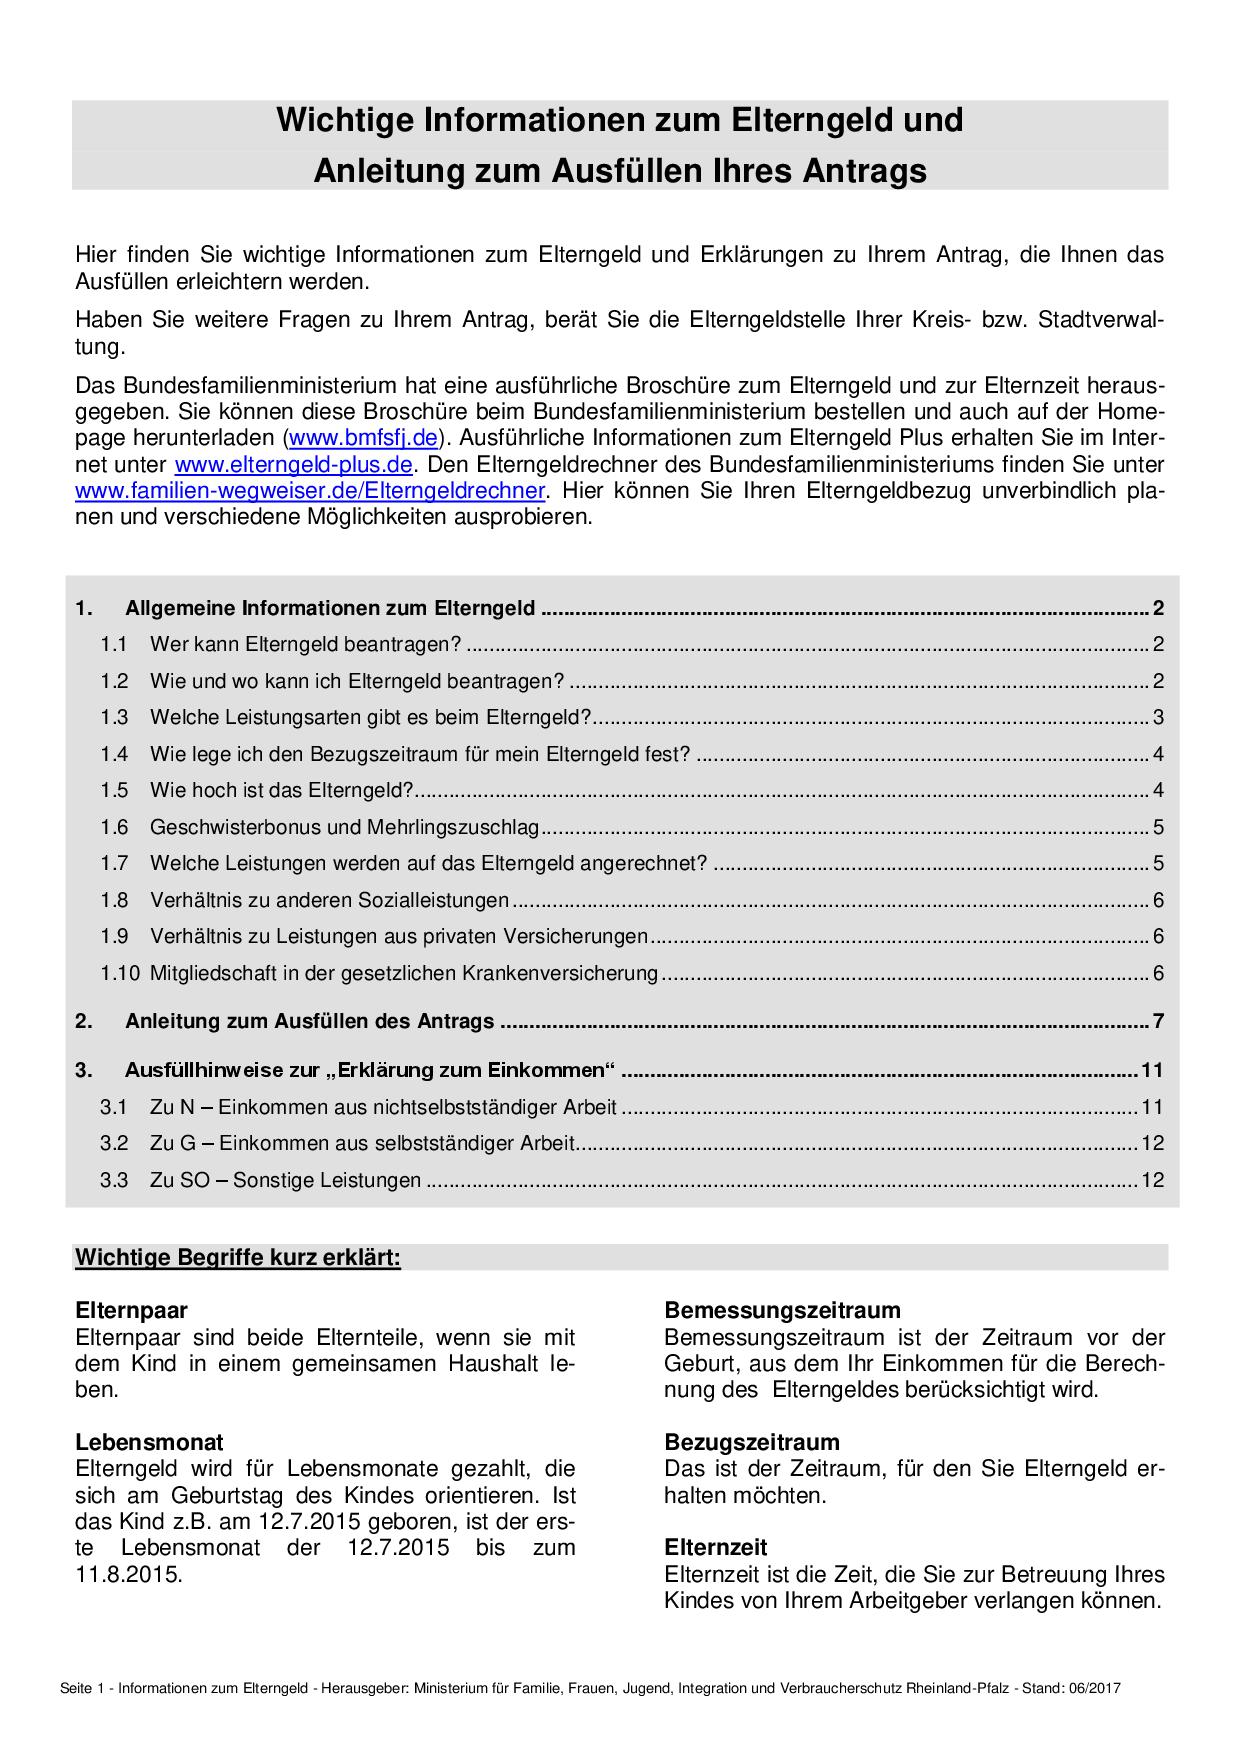 Wichtige Informationen zum Elterngeld und Anleitung zum Ausfüllen Ihres Antrags